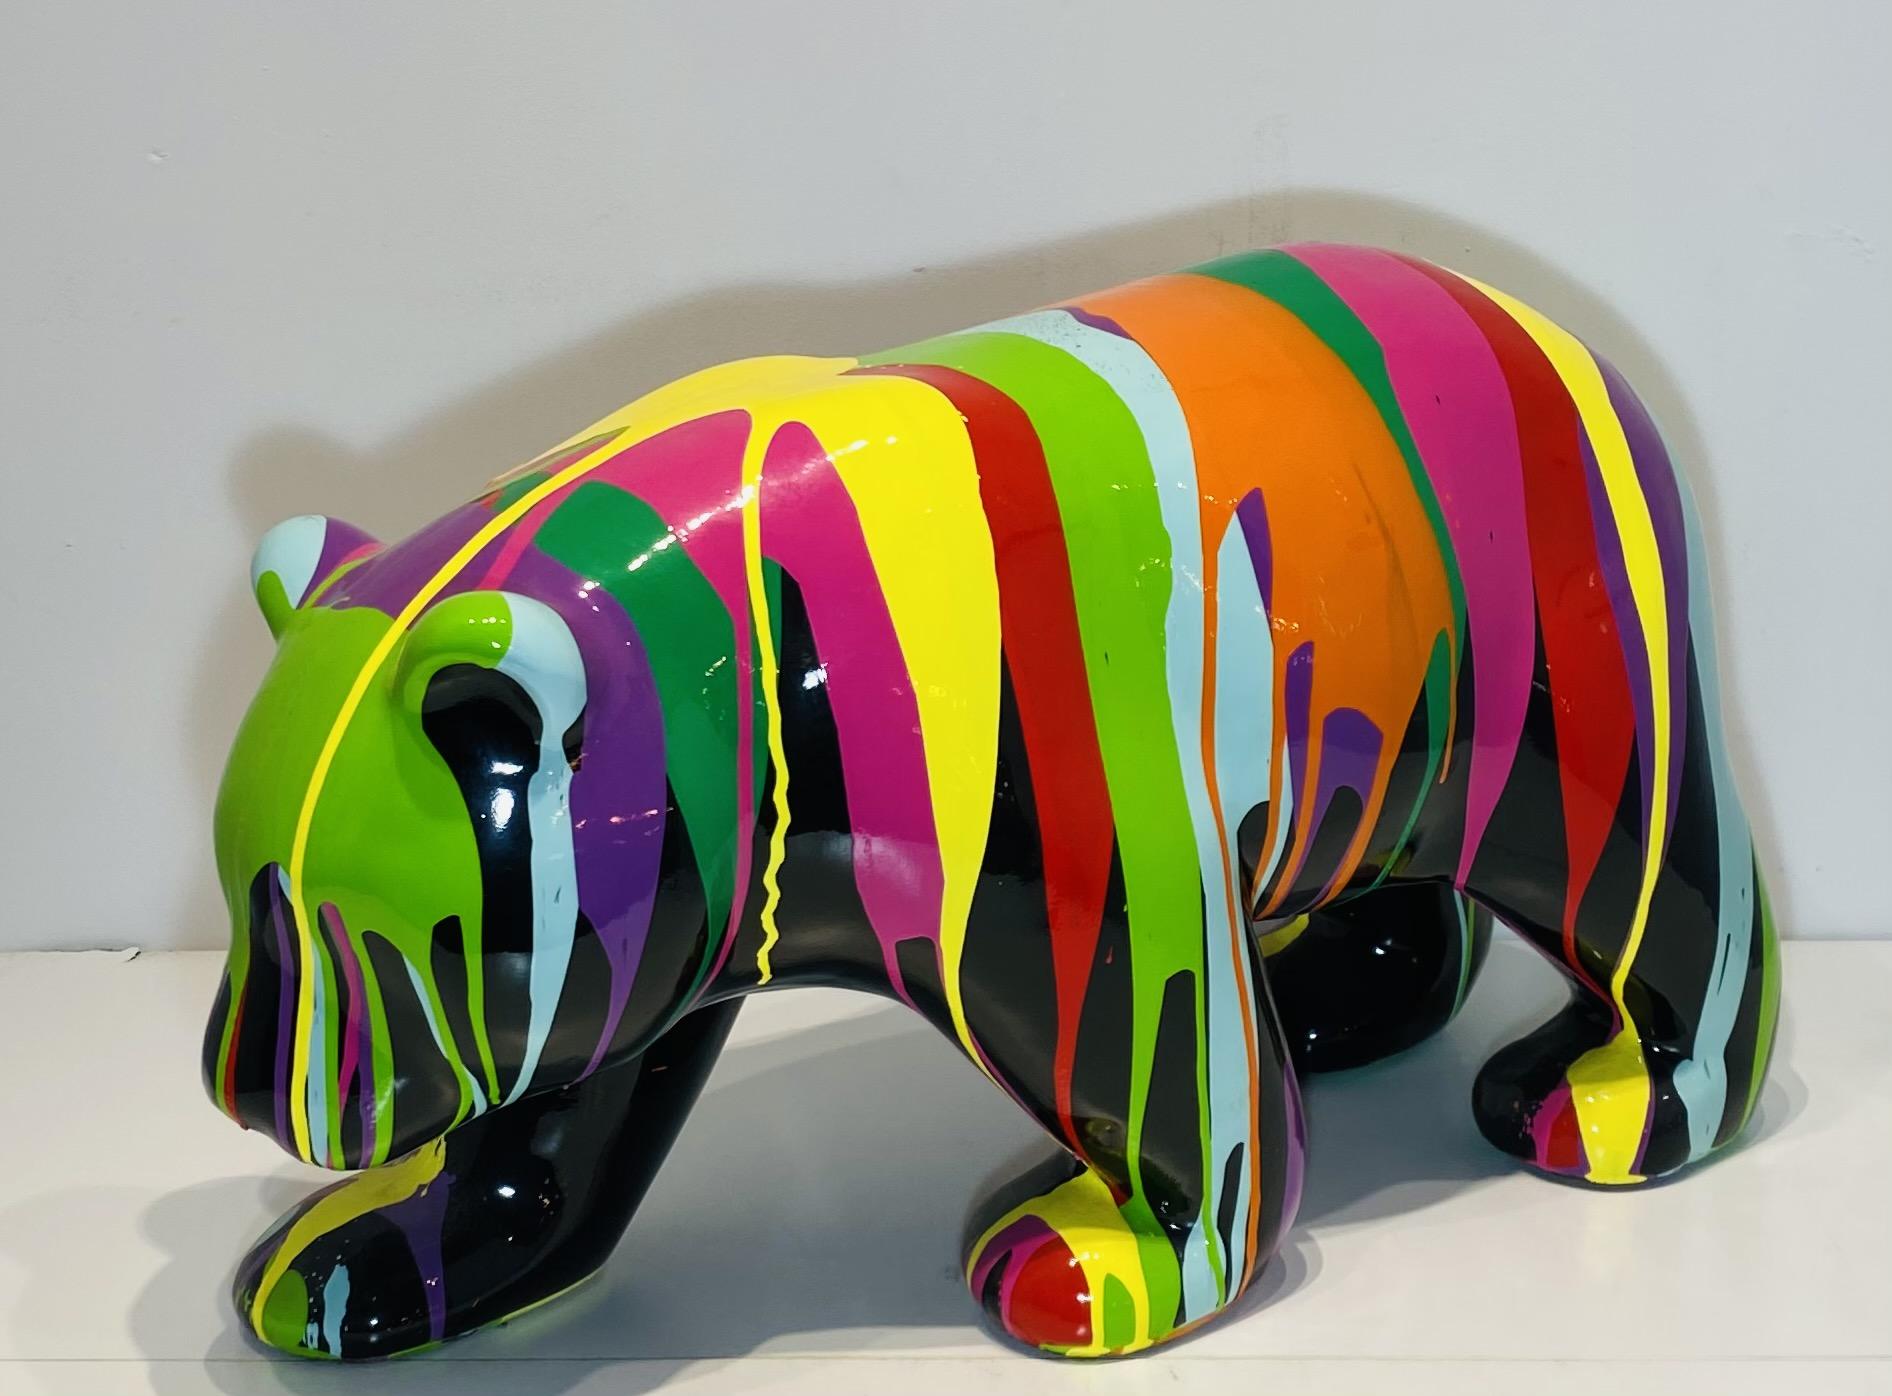 ours en résine personnalisé par des coulures de peinture